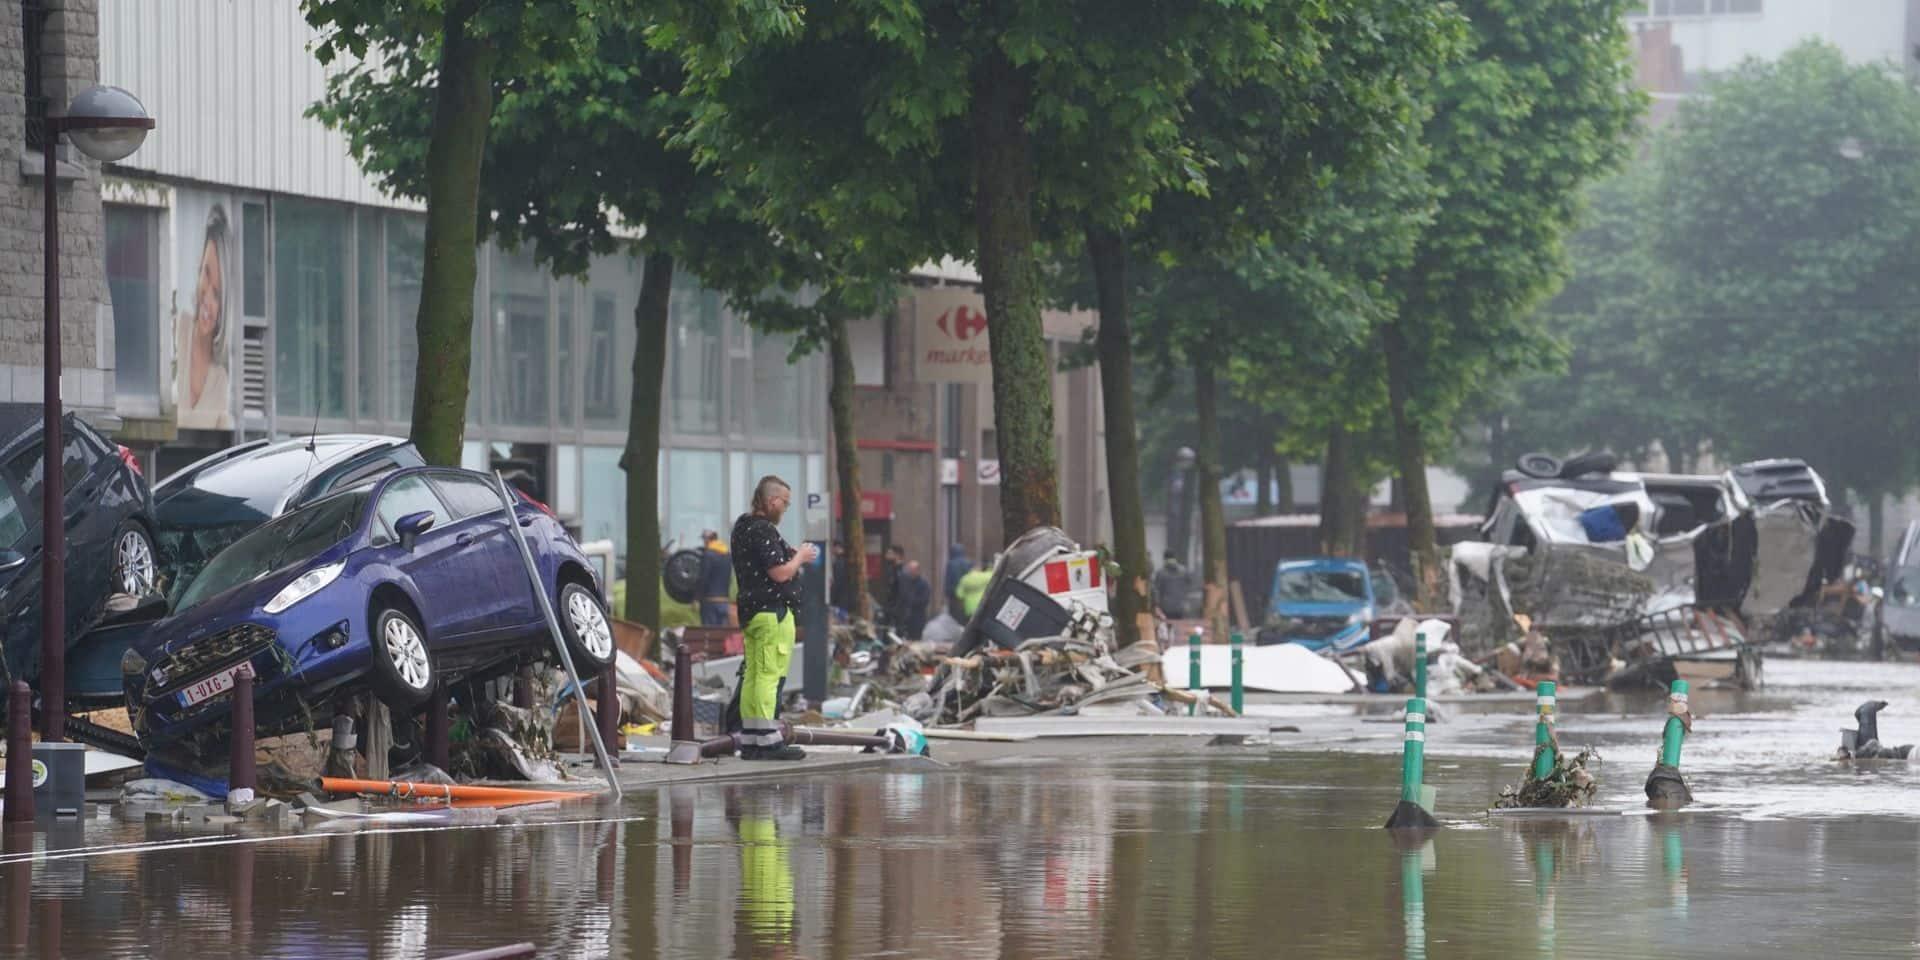 Inondations: La solidarité prend de l'ampleur dans la région de Mons-Borinage